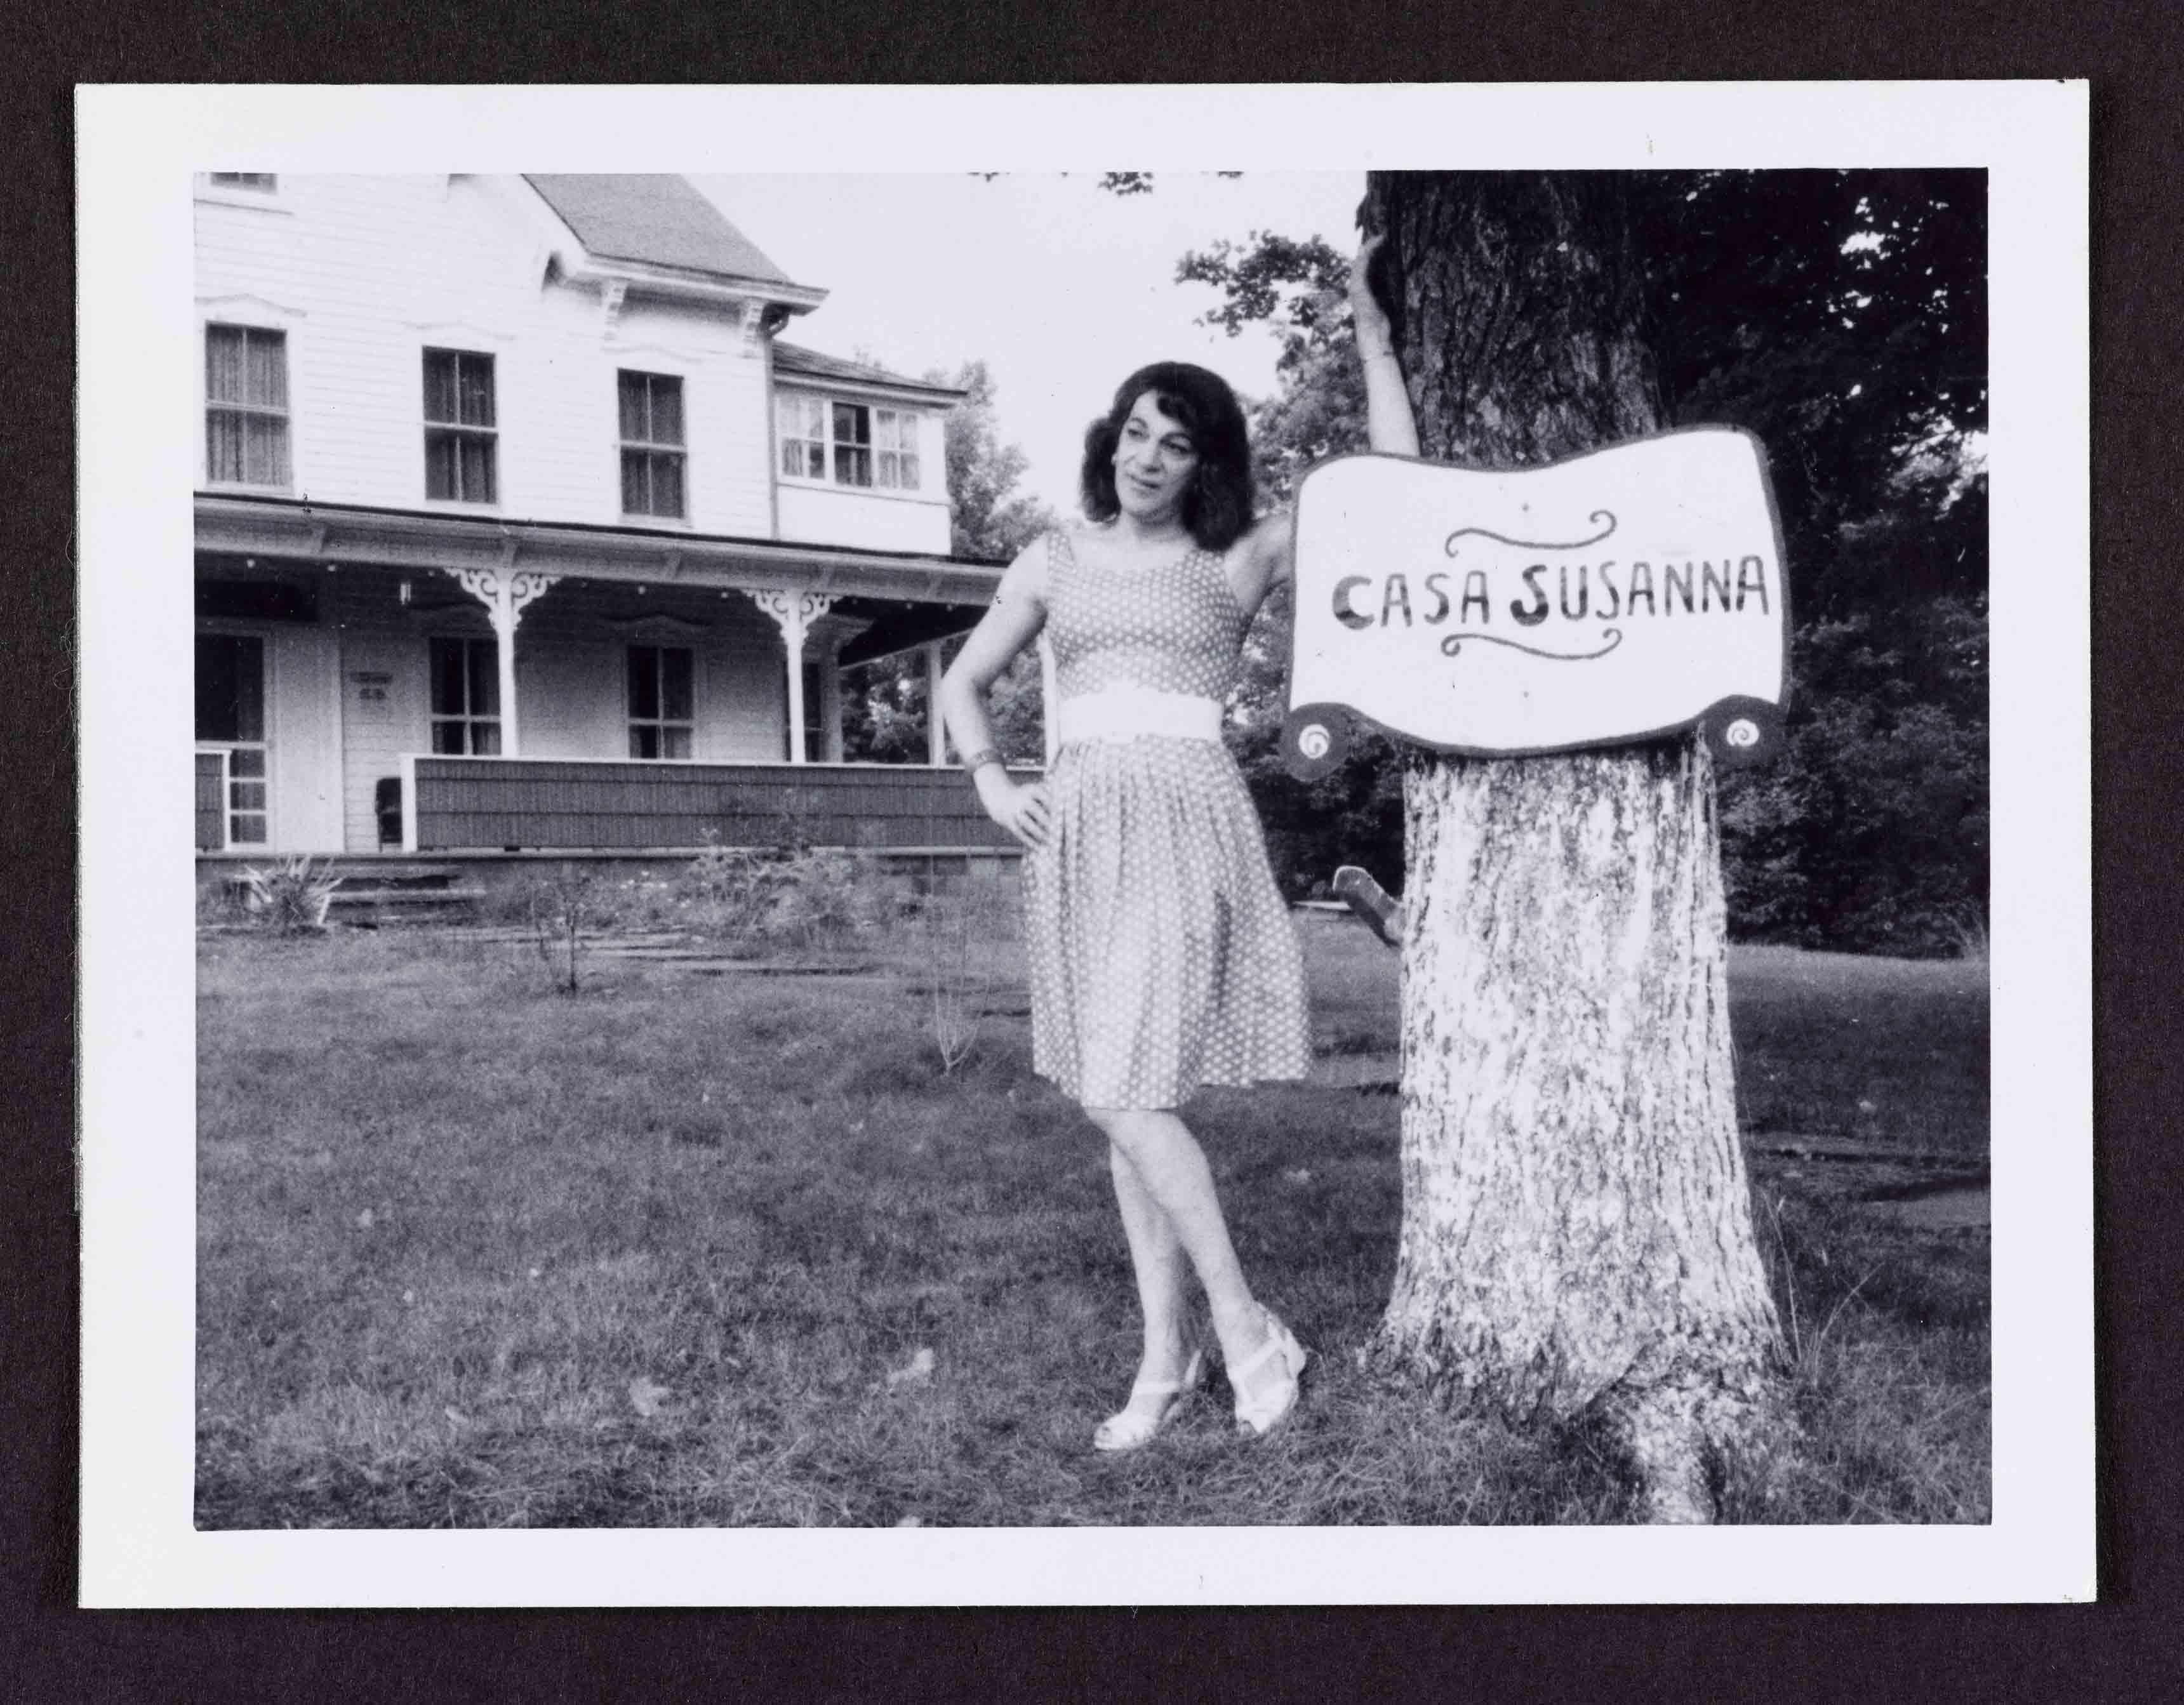 Casa Susanna Collection © Art Gallery of Ontario